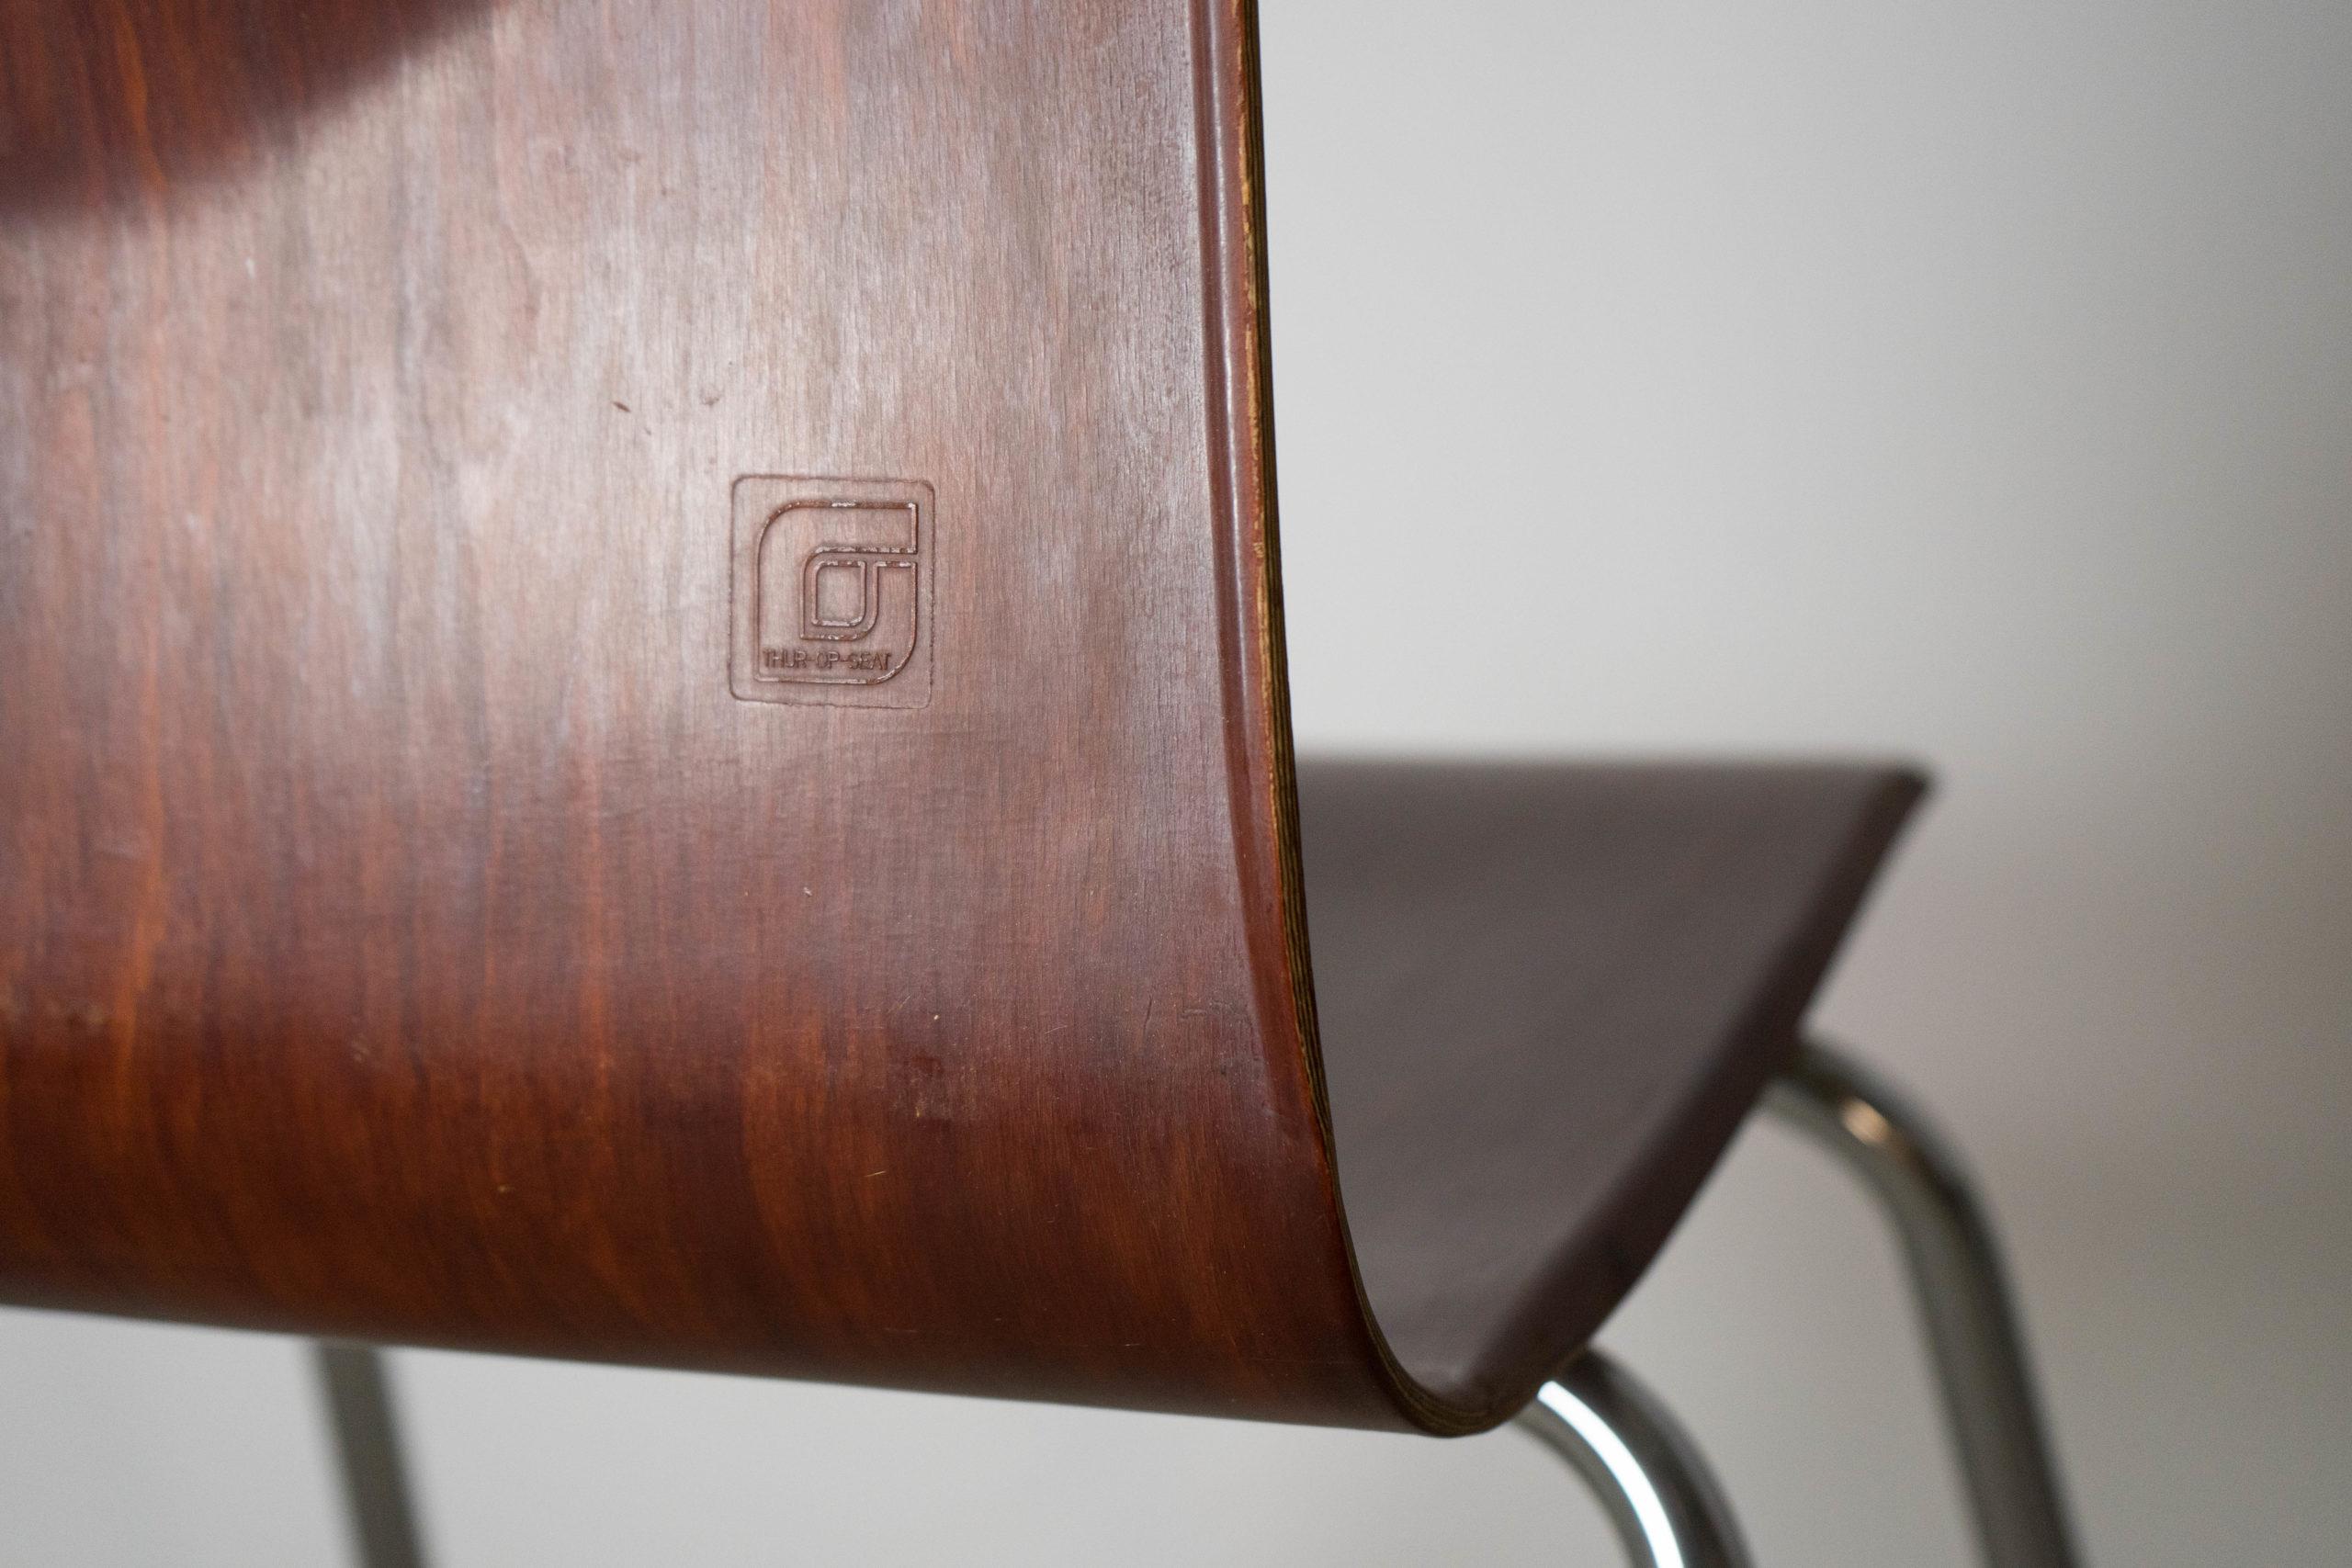 detalle de sello silla pagholz de calidad